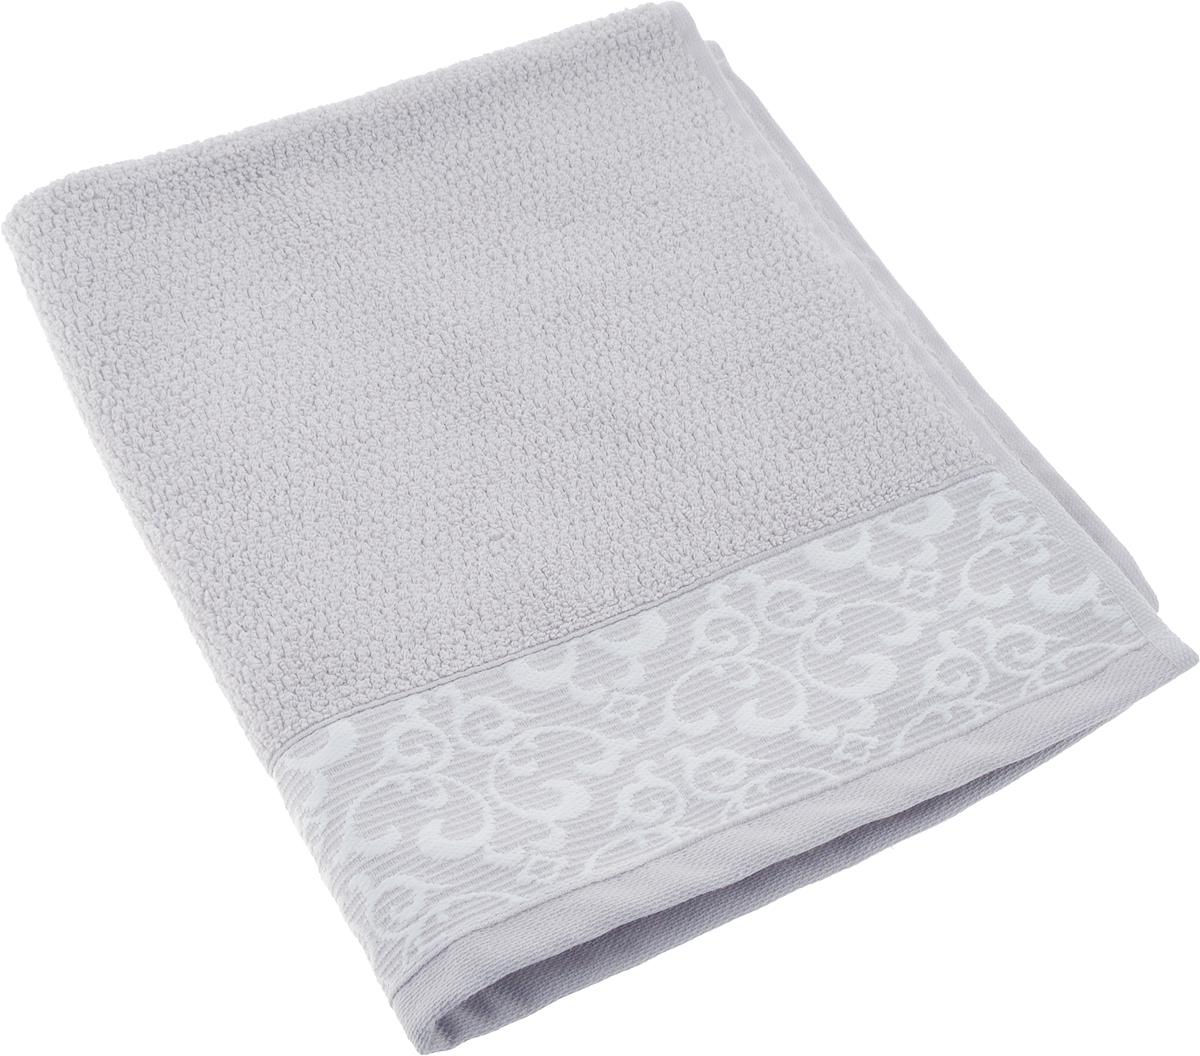 Полотенце махровое Issimo Home Verda, цвет: серый, 50 х 90 см00000005475Прекрасное полотенце Issimo Home Verda выполнено из натуральной махровой ткани (100% хлопок). Изделие отлично впитывает влагу, быстро сохнет и не теряет форму даже после многократных стирок.Рекомендации по уходу:- режим стирки при 40°C,- допускается обычная химчистка,- отбеливание запрещено,- глажка при температуре подошвы утюга до 110°С,- барабанный отжим запрещен.Размер полотенца: 50 x 90 см.